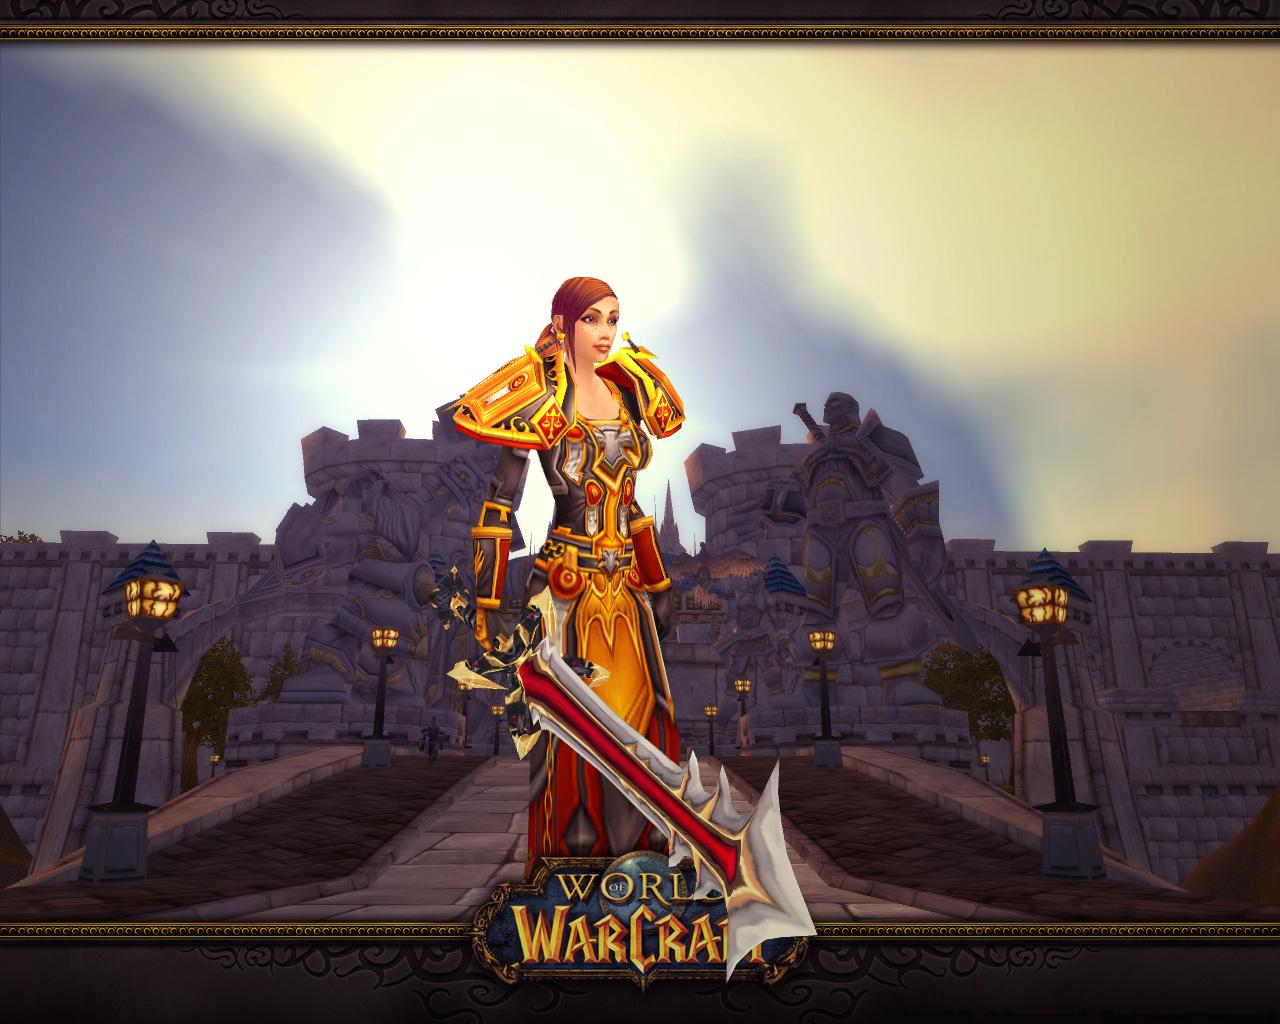 World Of Warcraft Human Wallpaper Wallpapersafari